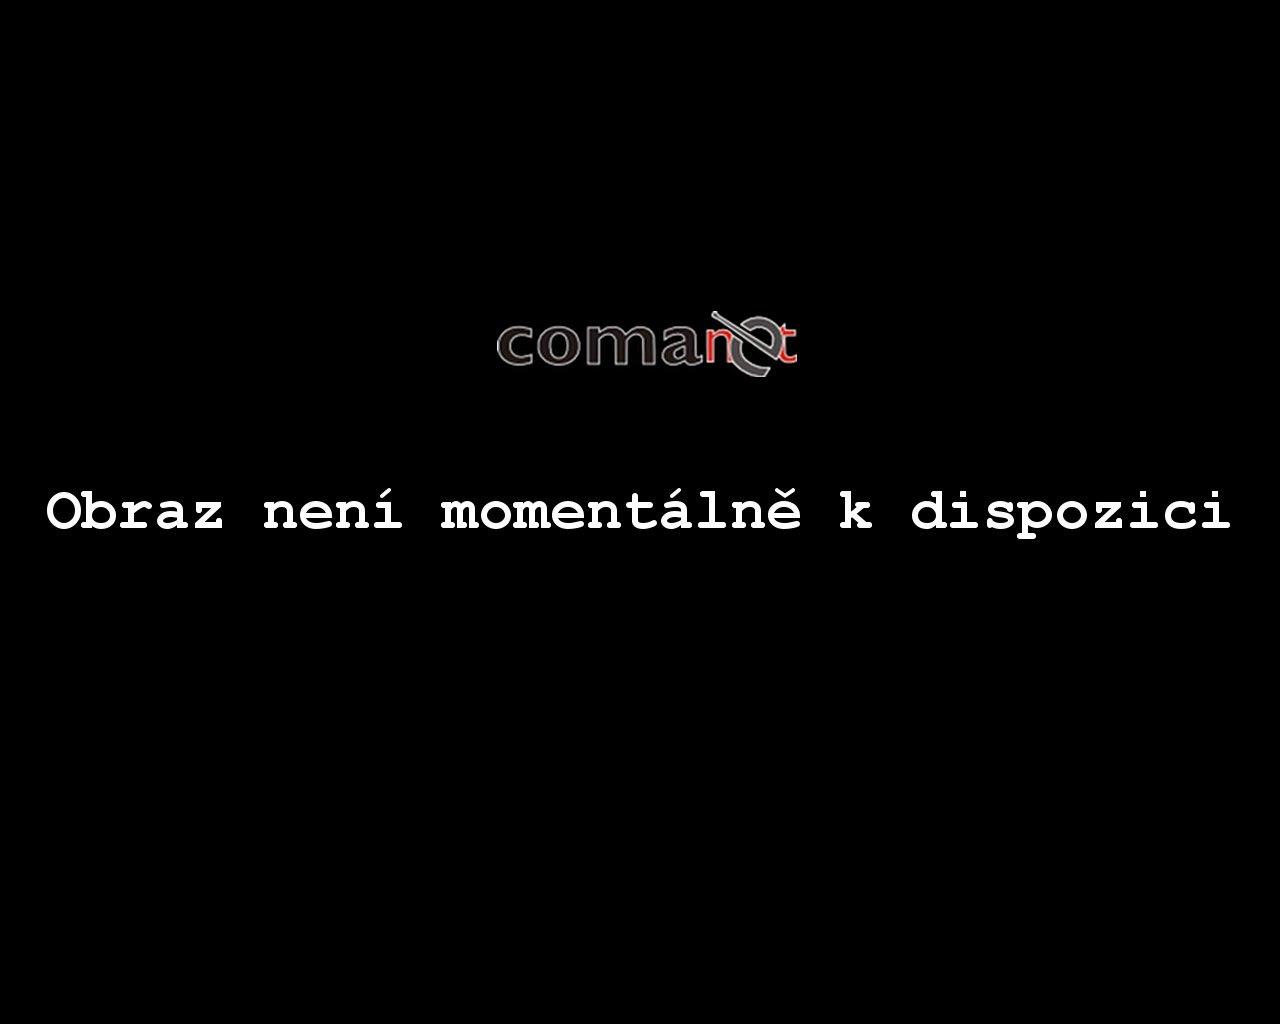 webkamera - Krkonoše - Vrchlabí